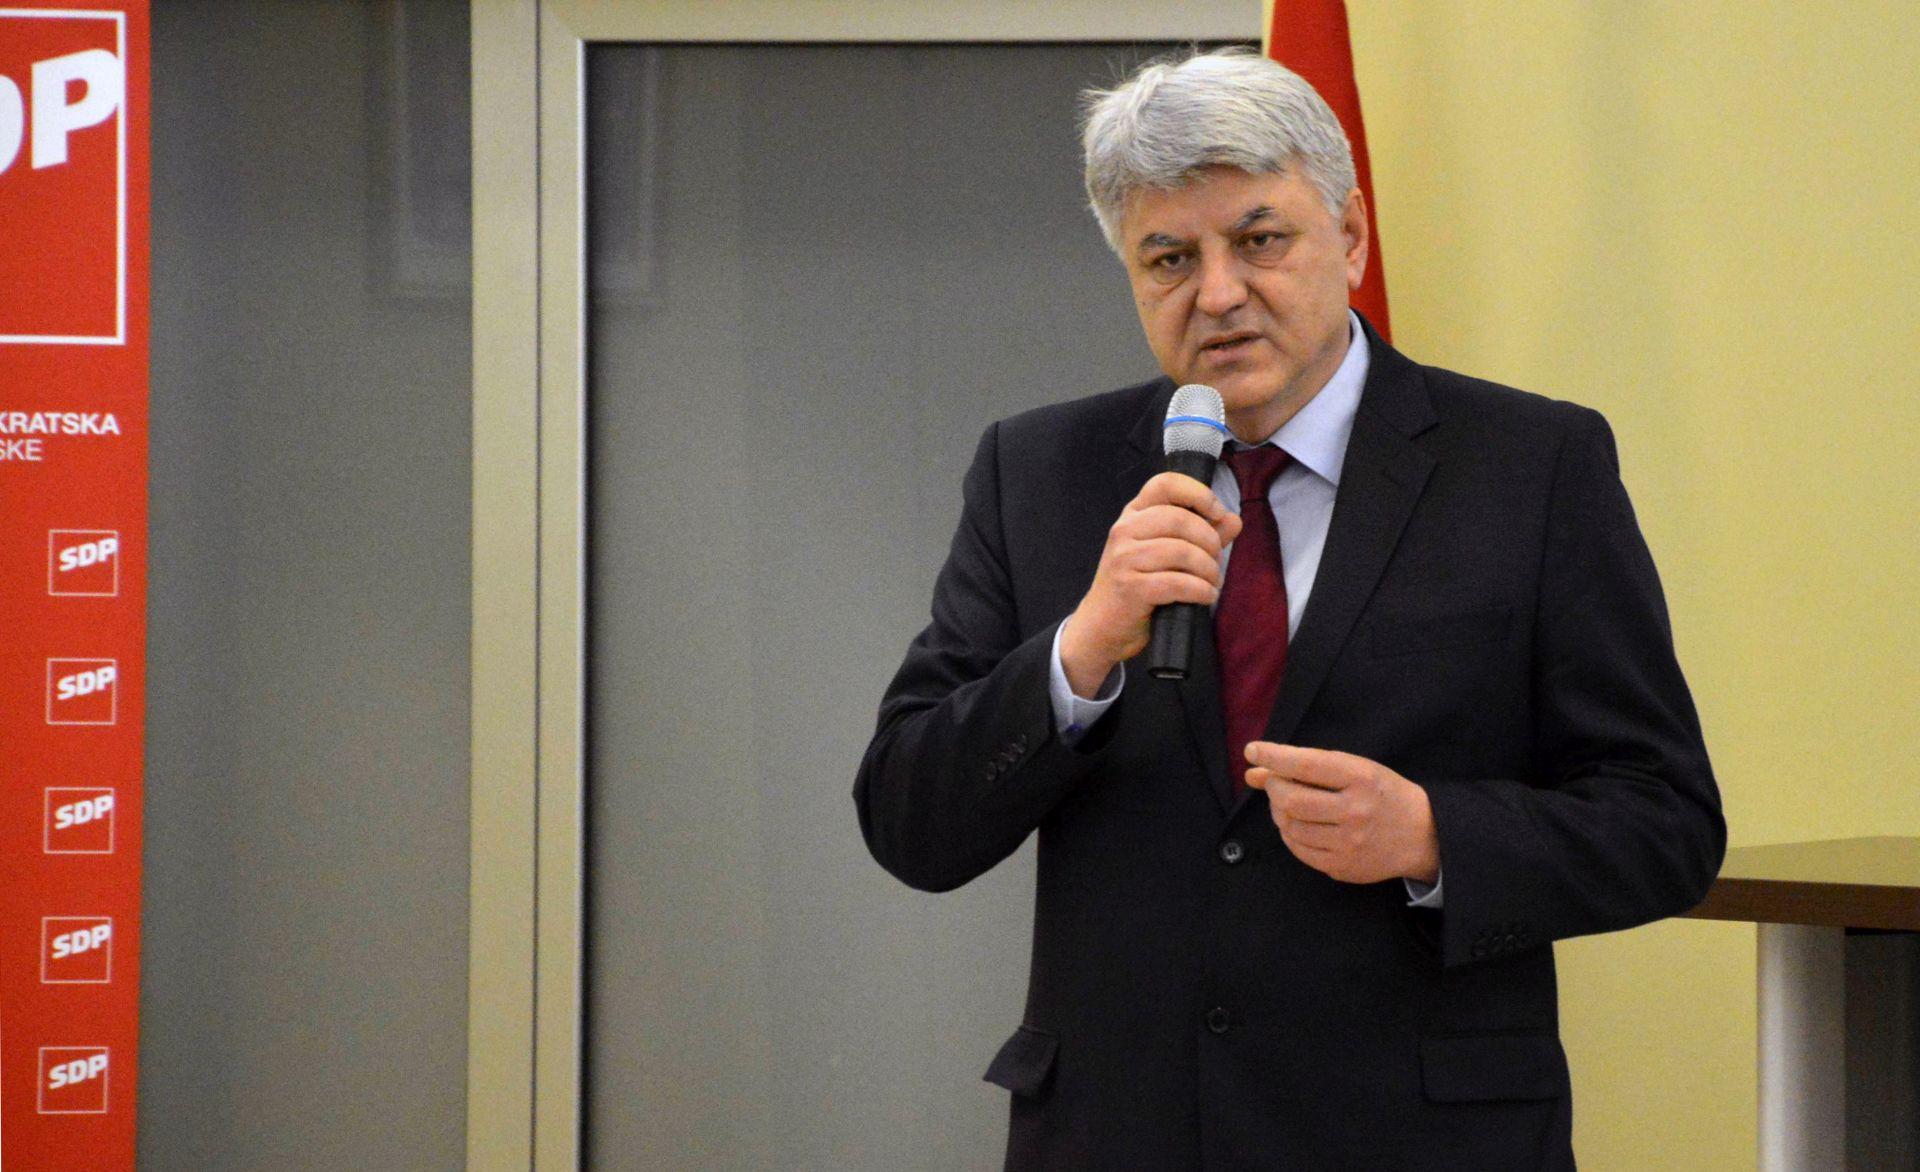 Komadina: Mislio sam da je Milanović pravnik, a ne psihijatar